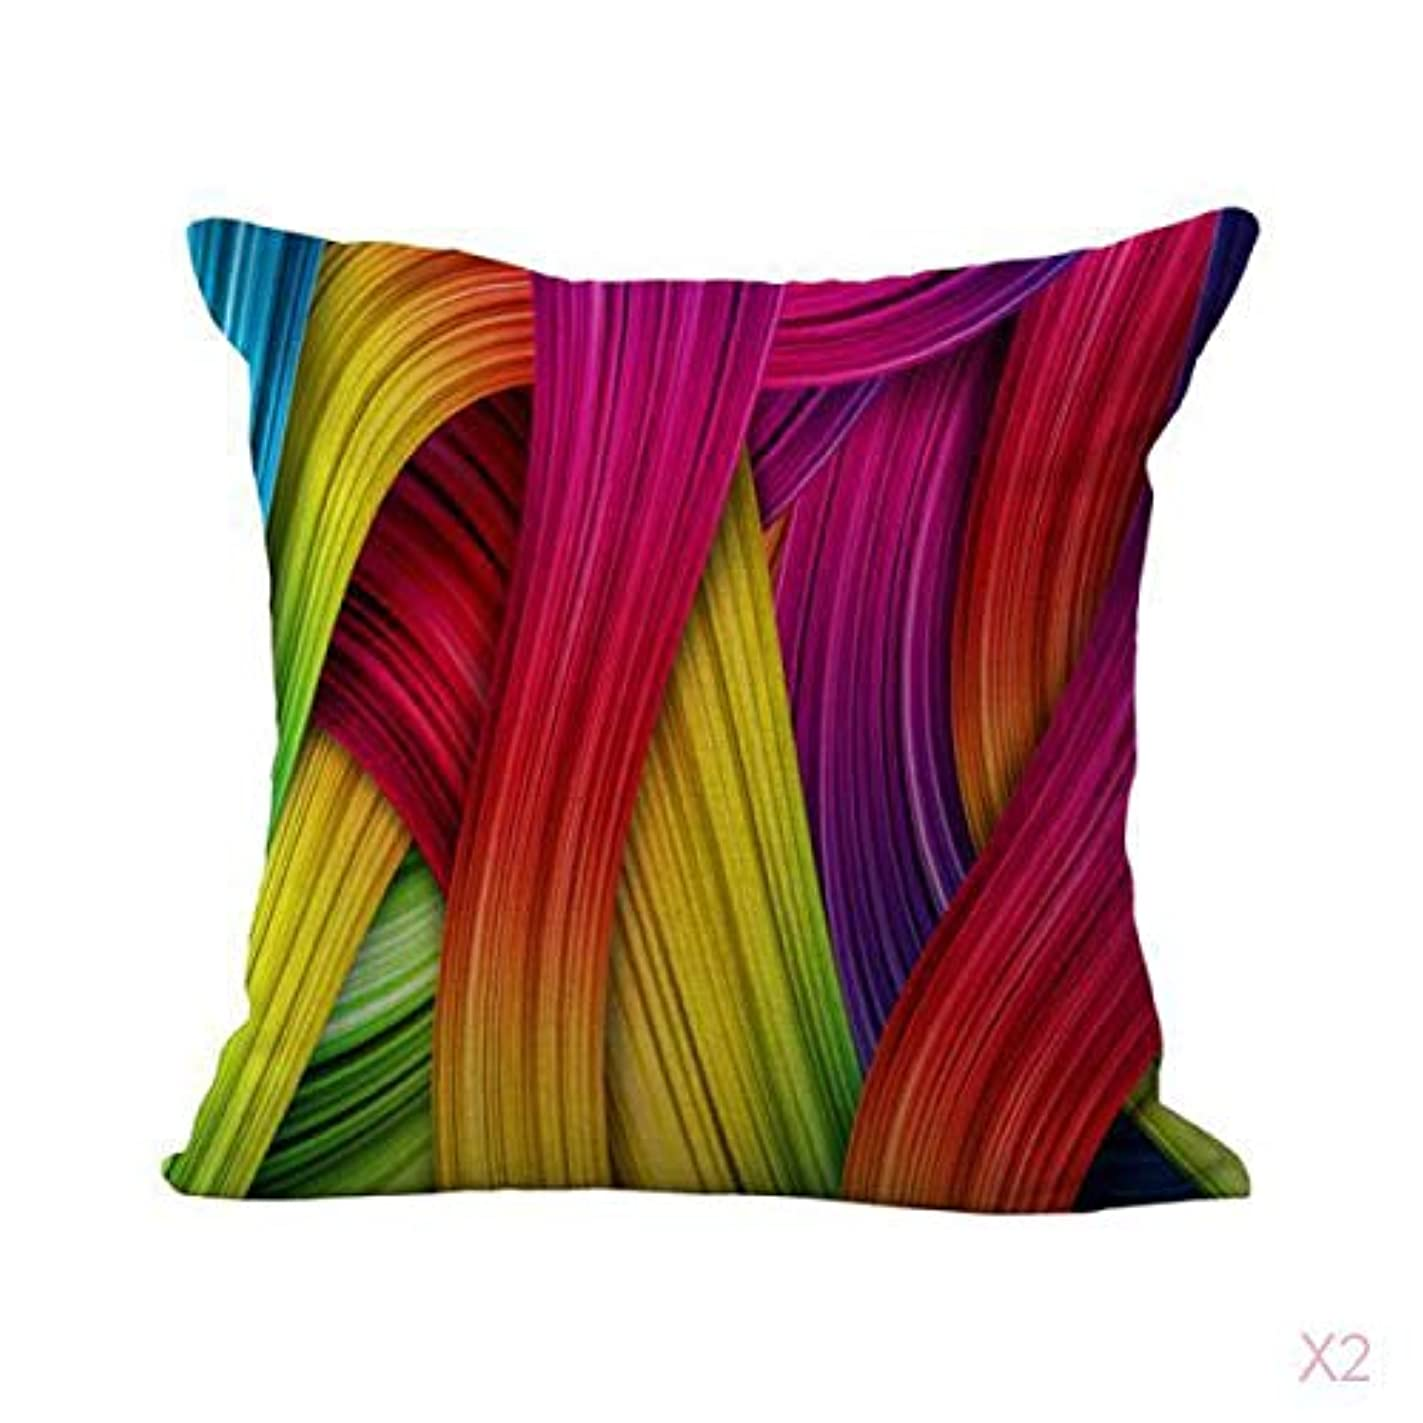 法律シングルインクFLAMEER 色のリボンプリントコットンリネンスロー枕カバークッションカバー装飾